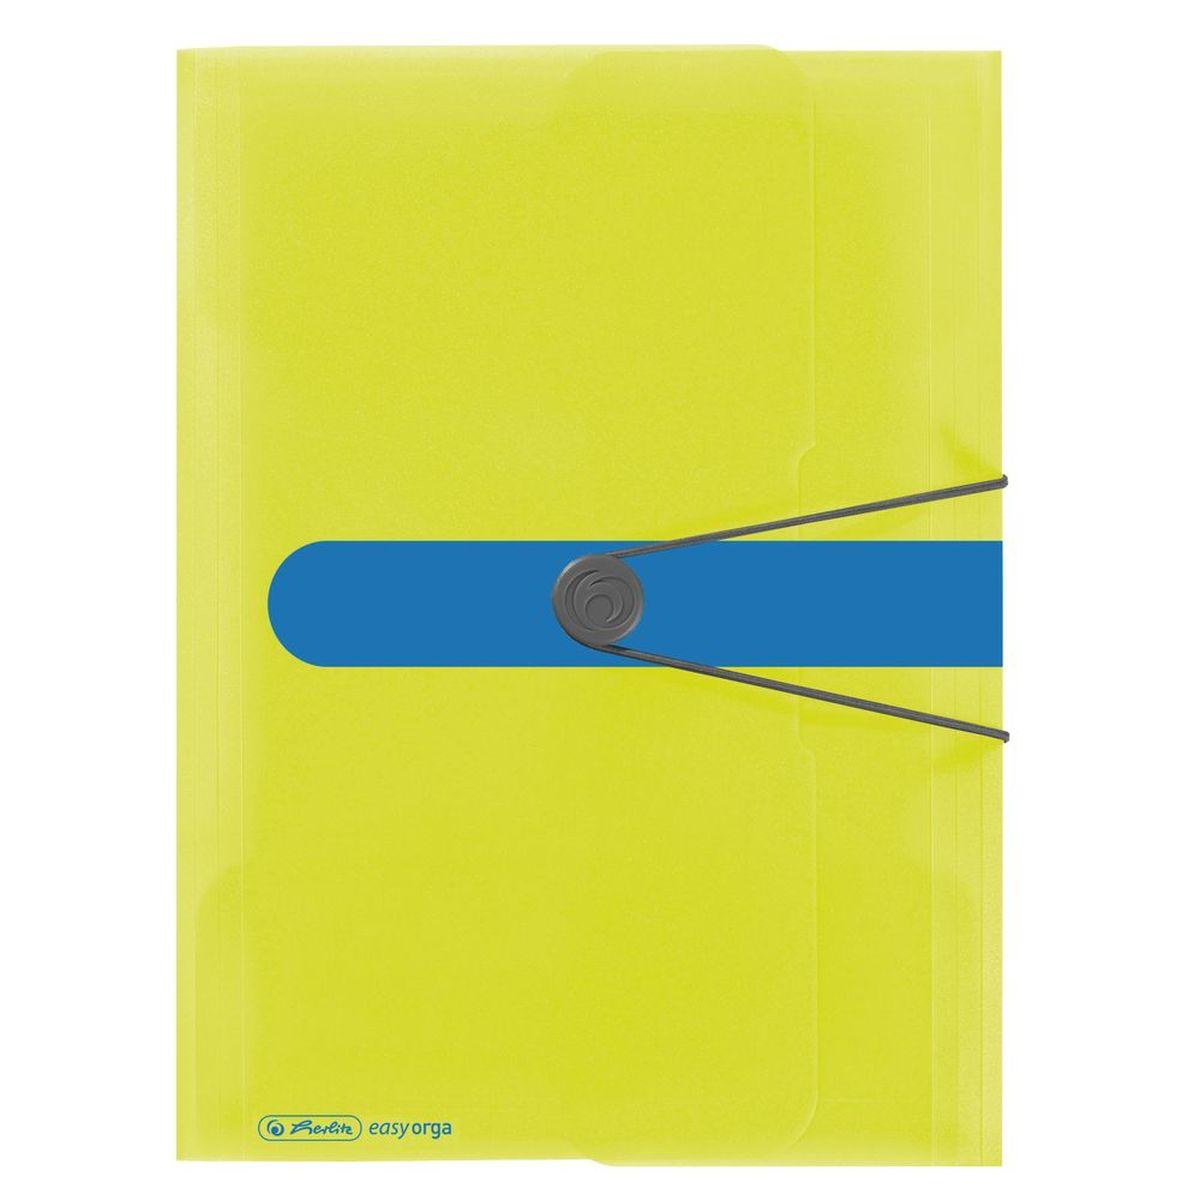 Herlitz Папка Easy Orga цвет лимонный11365277Папка на резинке Herlitz Easy Orga с тремя клапанами станет вашим верным помощником дома и в офисе. Это удобный и функциональный инструмент, предназначенный для хранения и транспортировки больших объемов рабочих бумаг и документов формата А4. Папка изготовлена из износостойкого высококачественного пластика. Состоит из одного вместительного отделения. Закрывается папка при помощи резинки. Папка - это незаменимый атрибут для любого студента, школьника или офисного работника. Такая папка надежно сохранит ваши бумаги и сбережет их от повреждений, пыли и влаги.